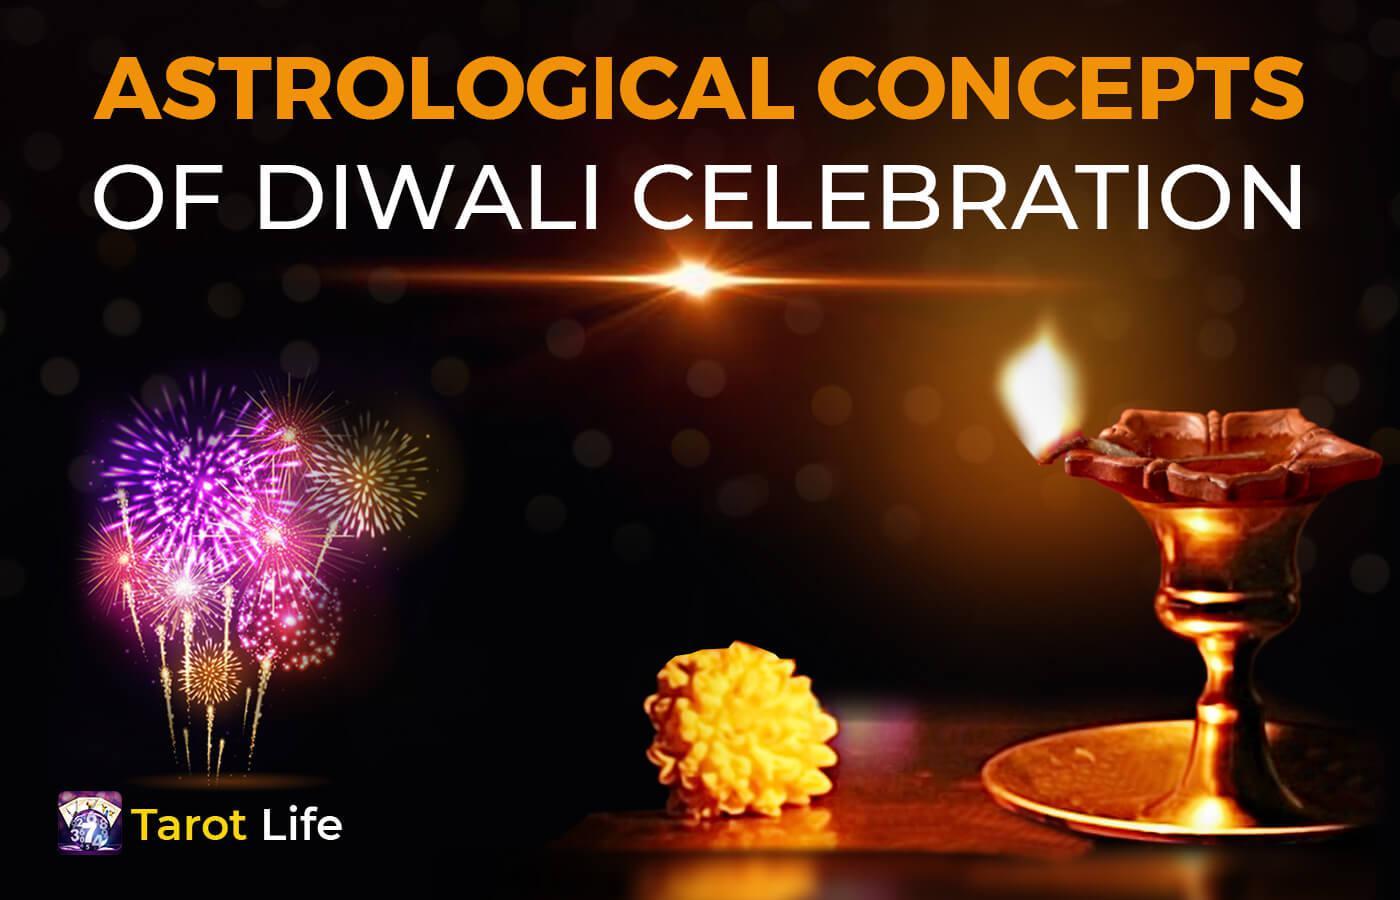 Astrological concepts of Diwali celebration